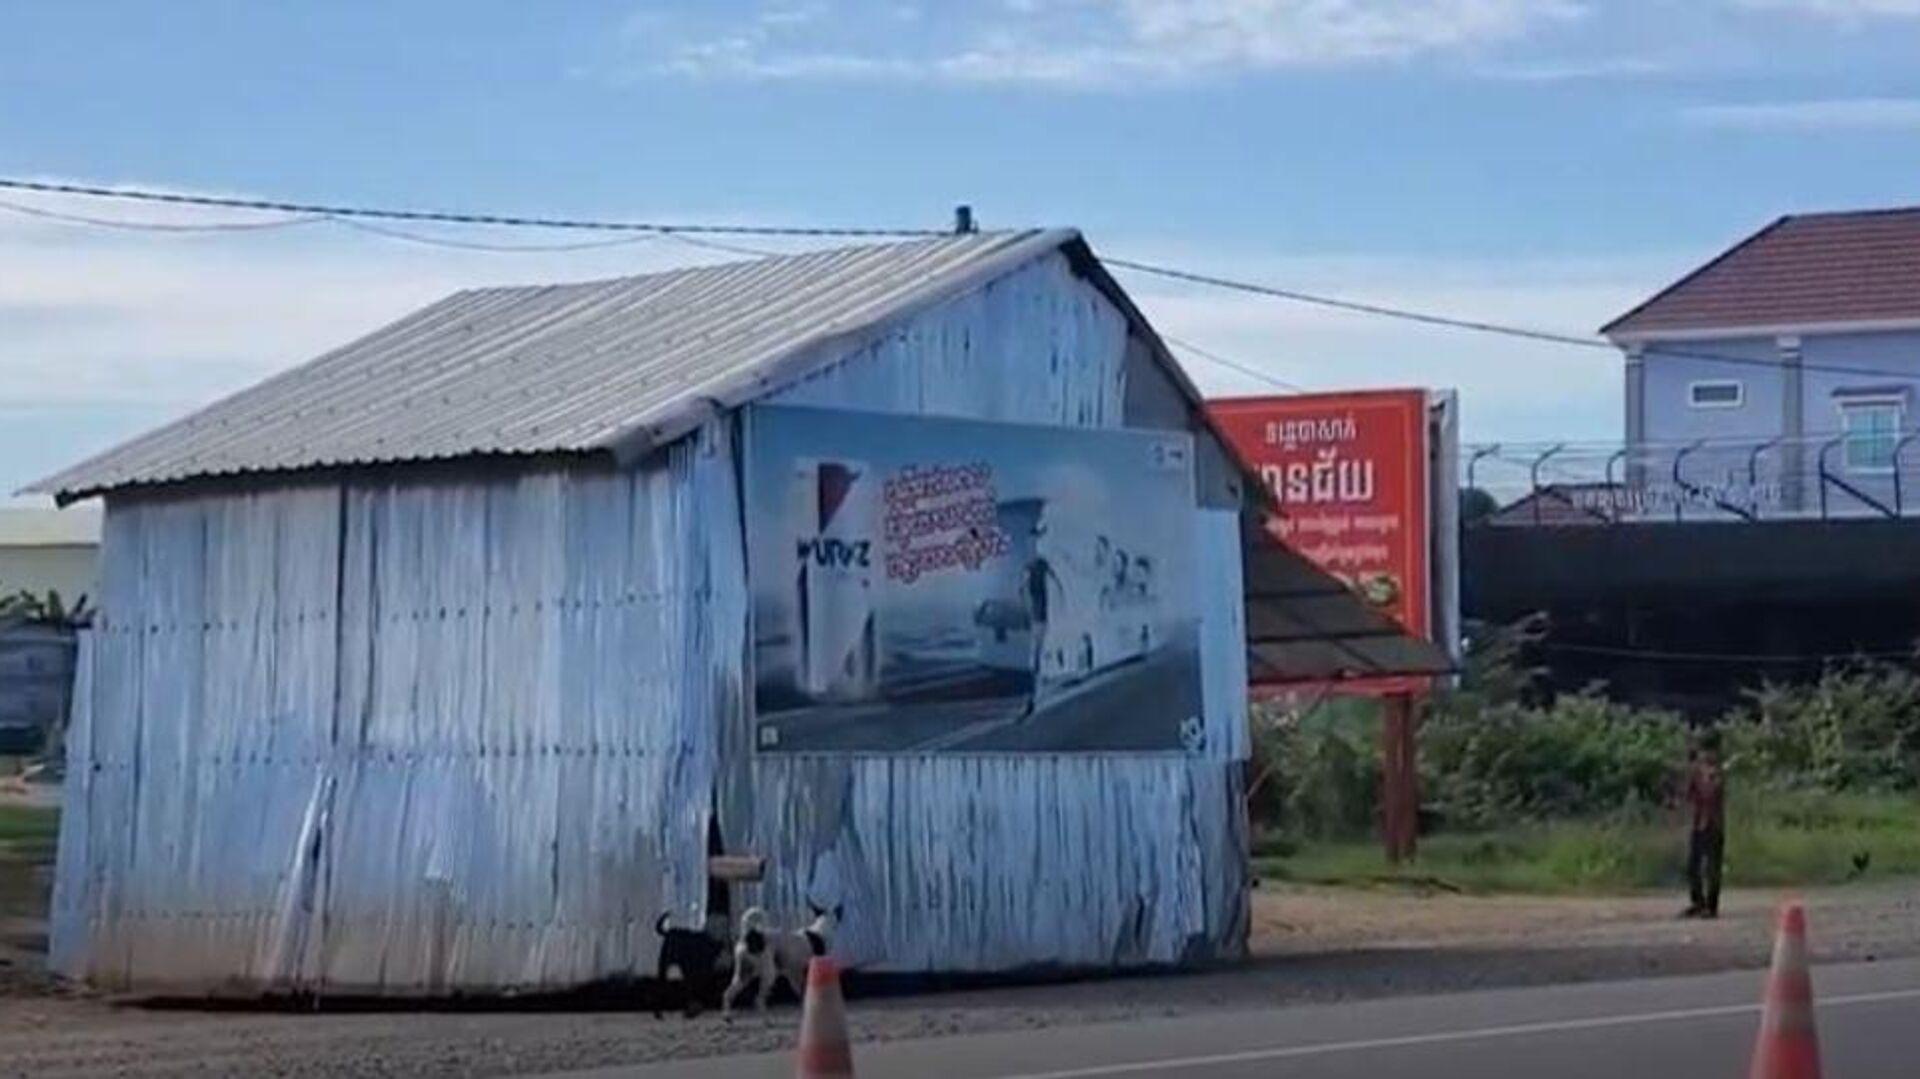 Σπίτι στην Καμπότζη φαίνεται να κινείται μόνο του στον δρόμο - Sputnik Ελλάδα, 1920, 22.09.2021